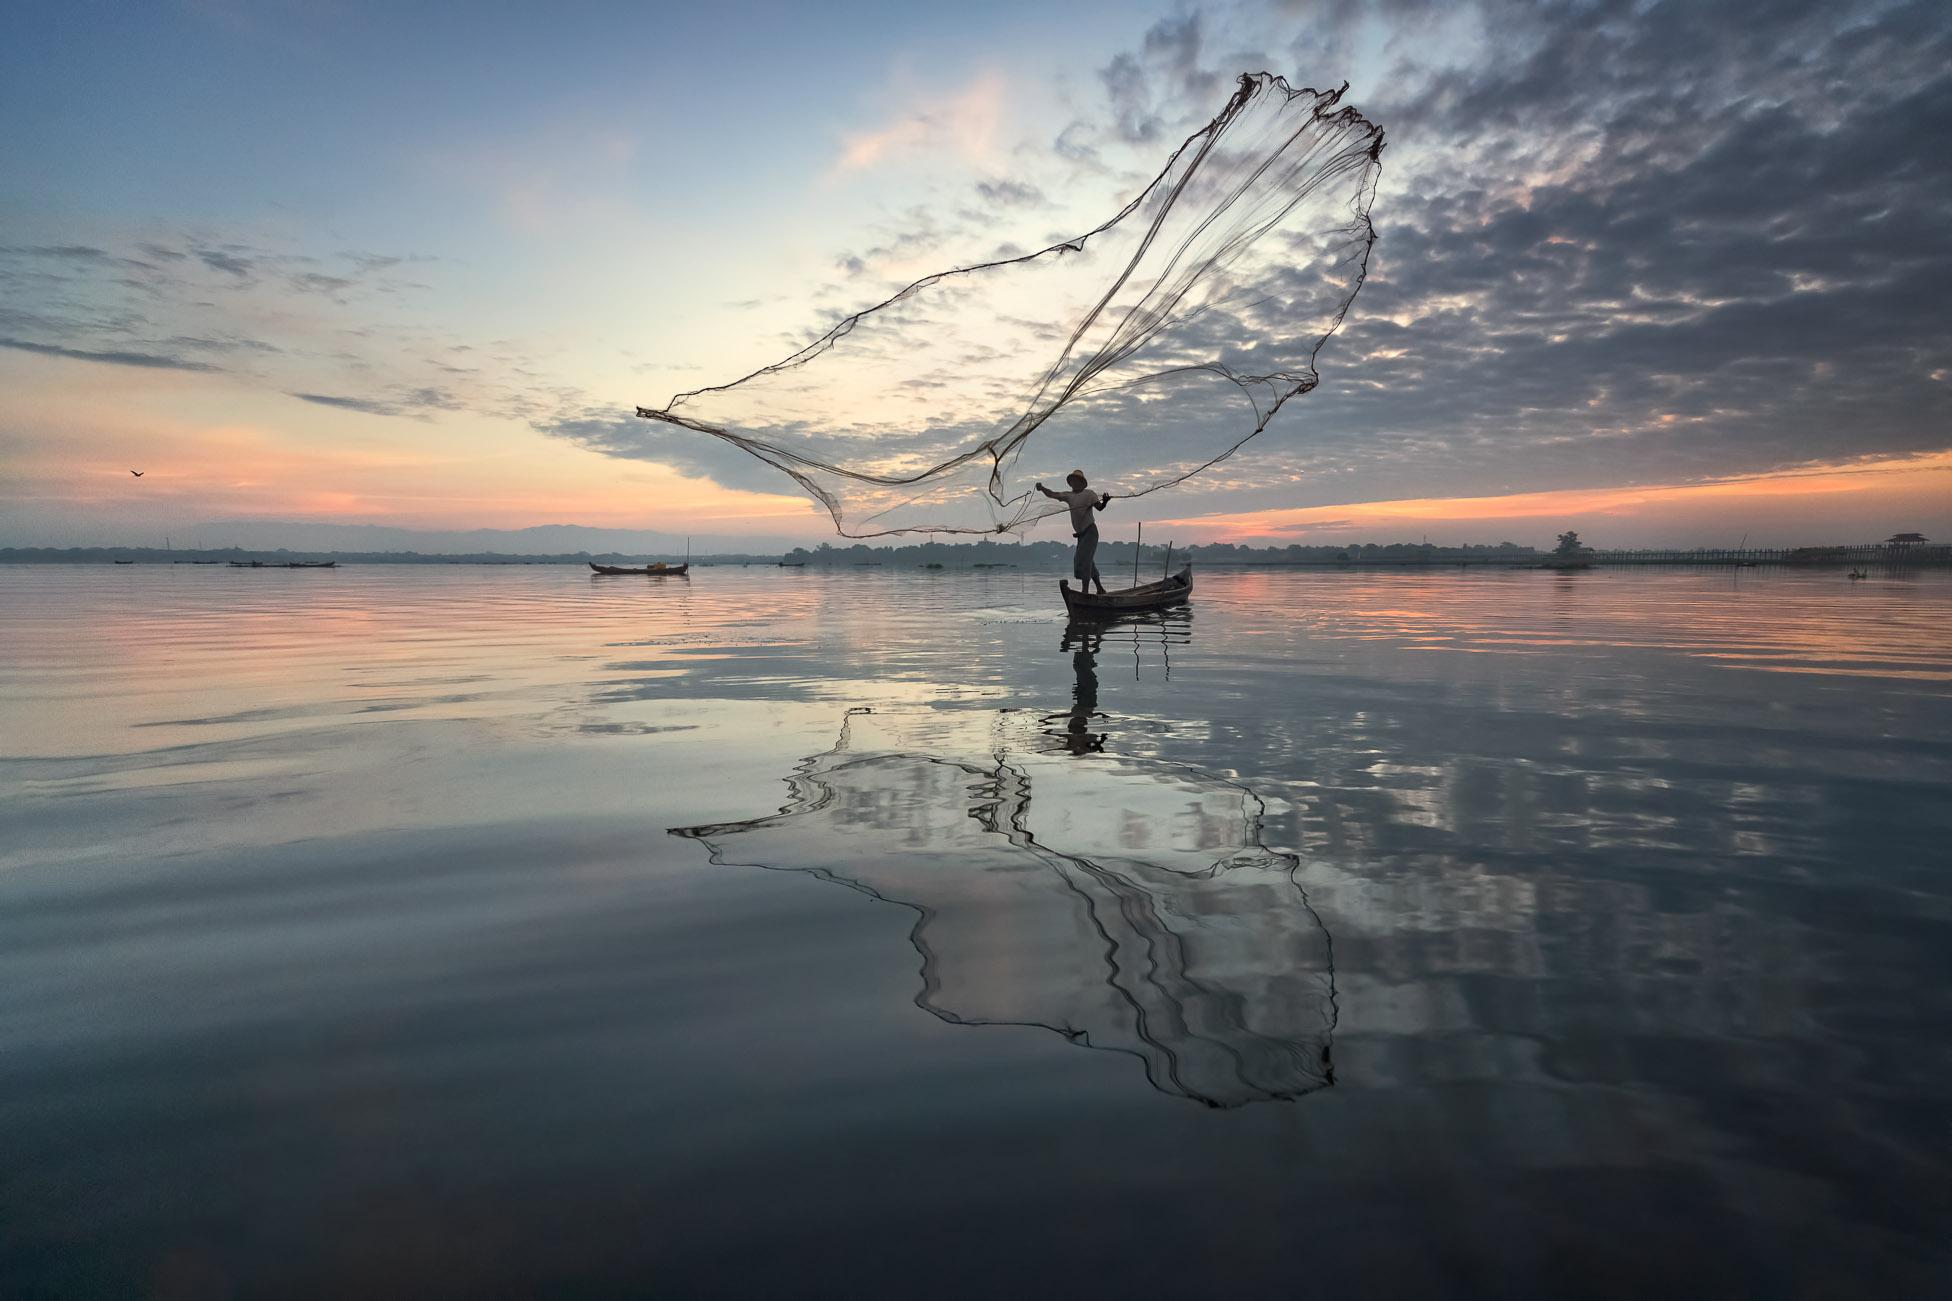 Fisherman Throwing Net Early in the Morning, Taung Tha Man Lake, Mandalay, Myanmar